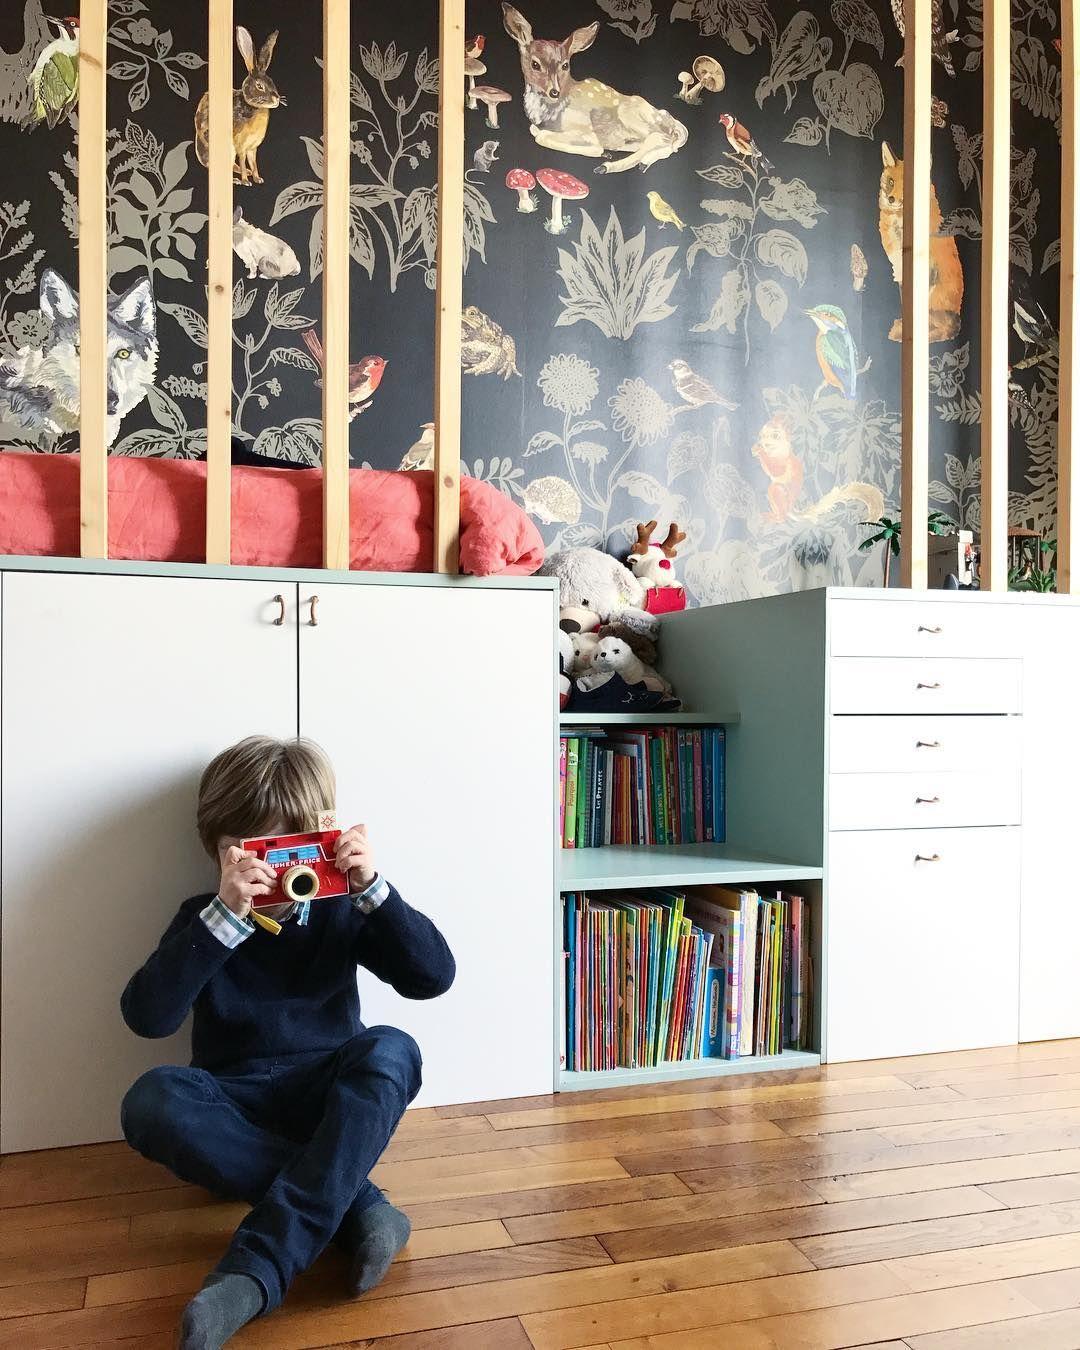 Amelie Colombet On Instagram Chez Auguste Homesweethome Paris Inhalelagence Kidsroom Homedecor Cabane Litsurmes Decoration Instagram Lit Sur Mesure